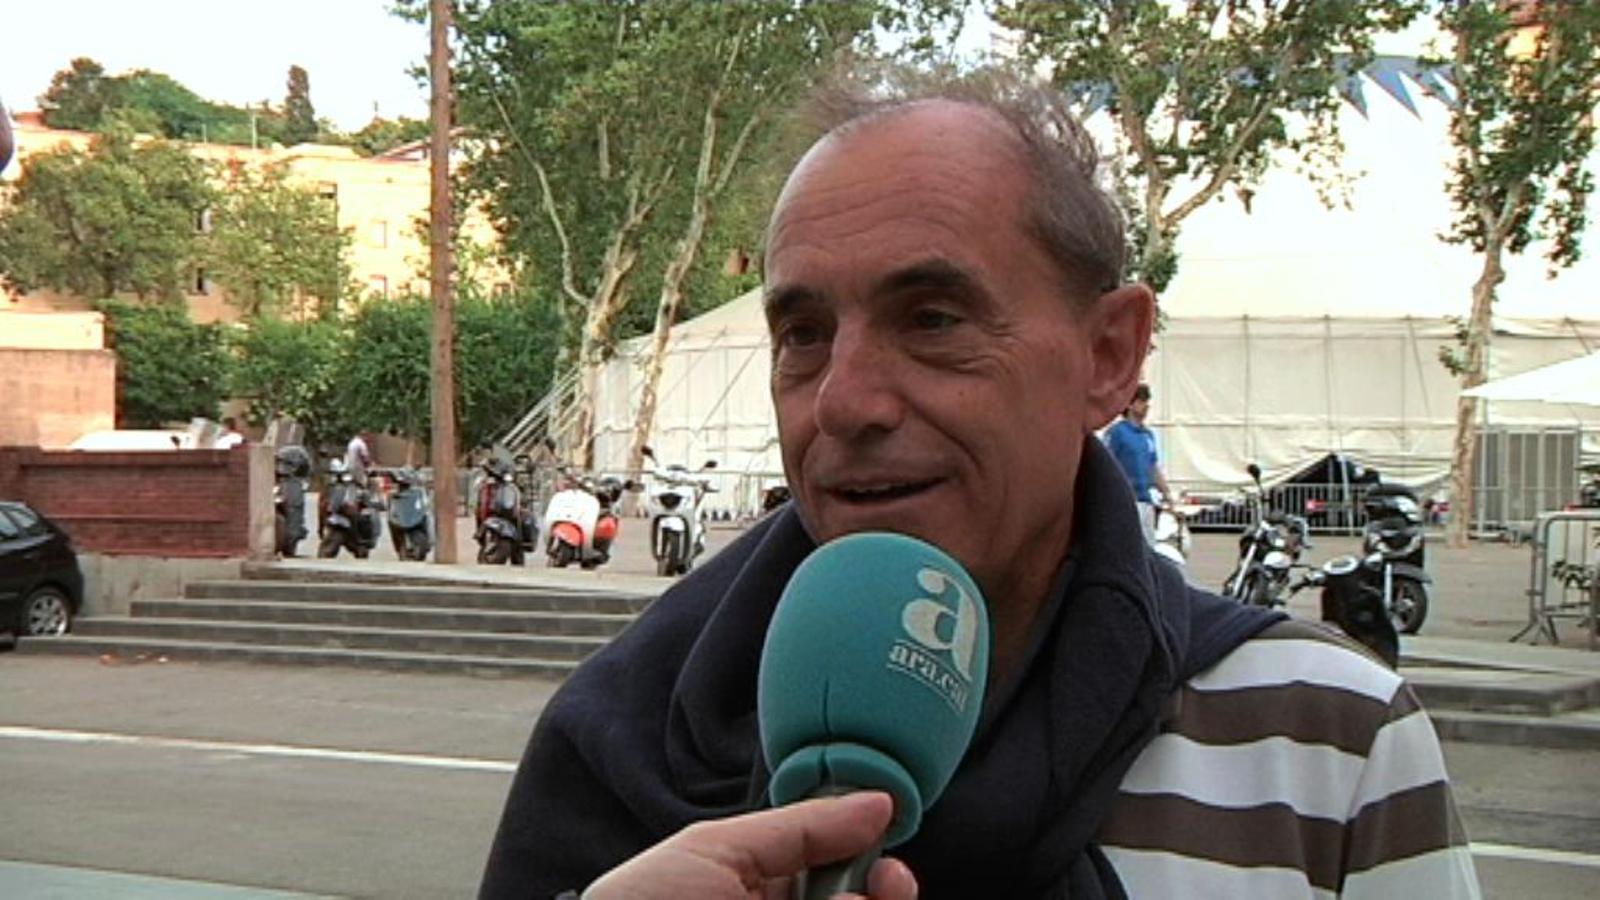 Ramon Roca, espectador del Grec: Veuré 4 espectacles en 10 dies